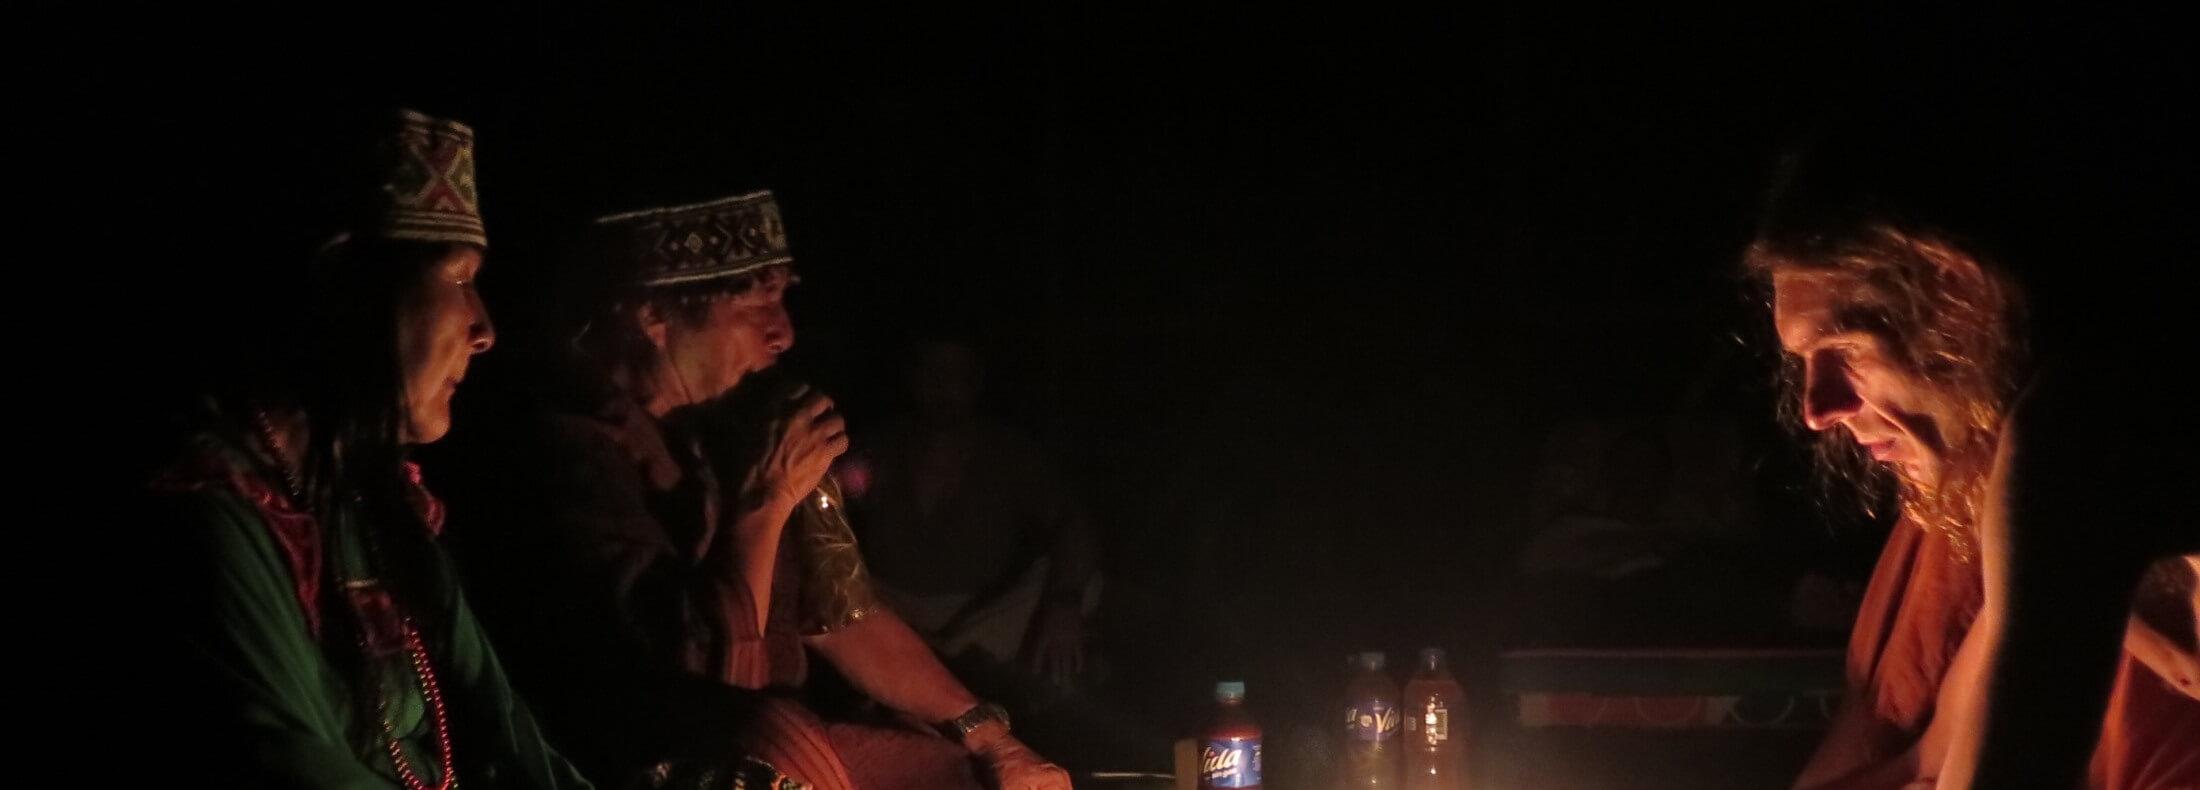 церемонии аяваски с маэстро шипибо